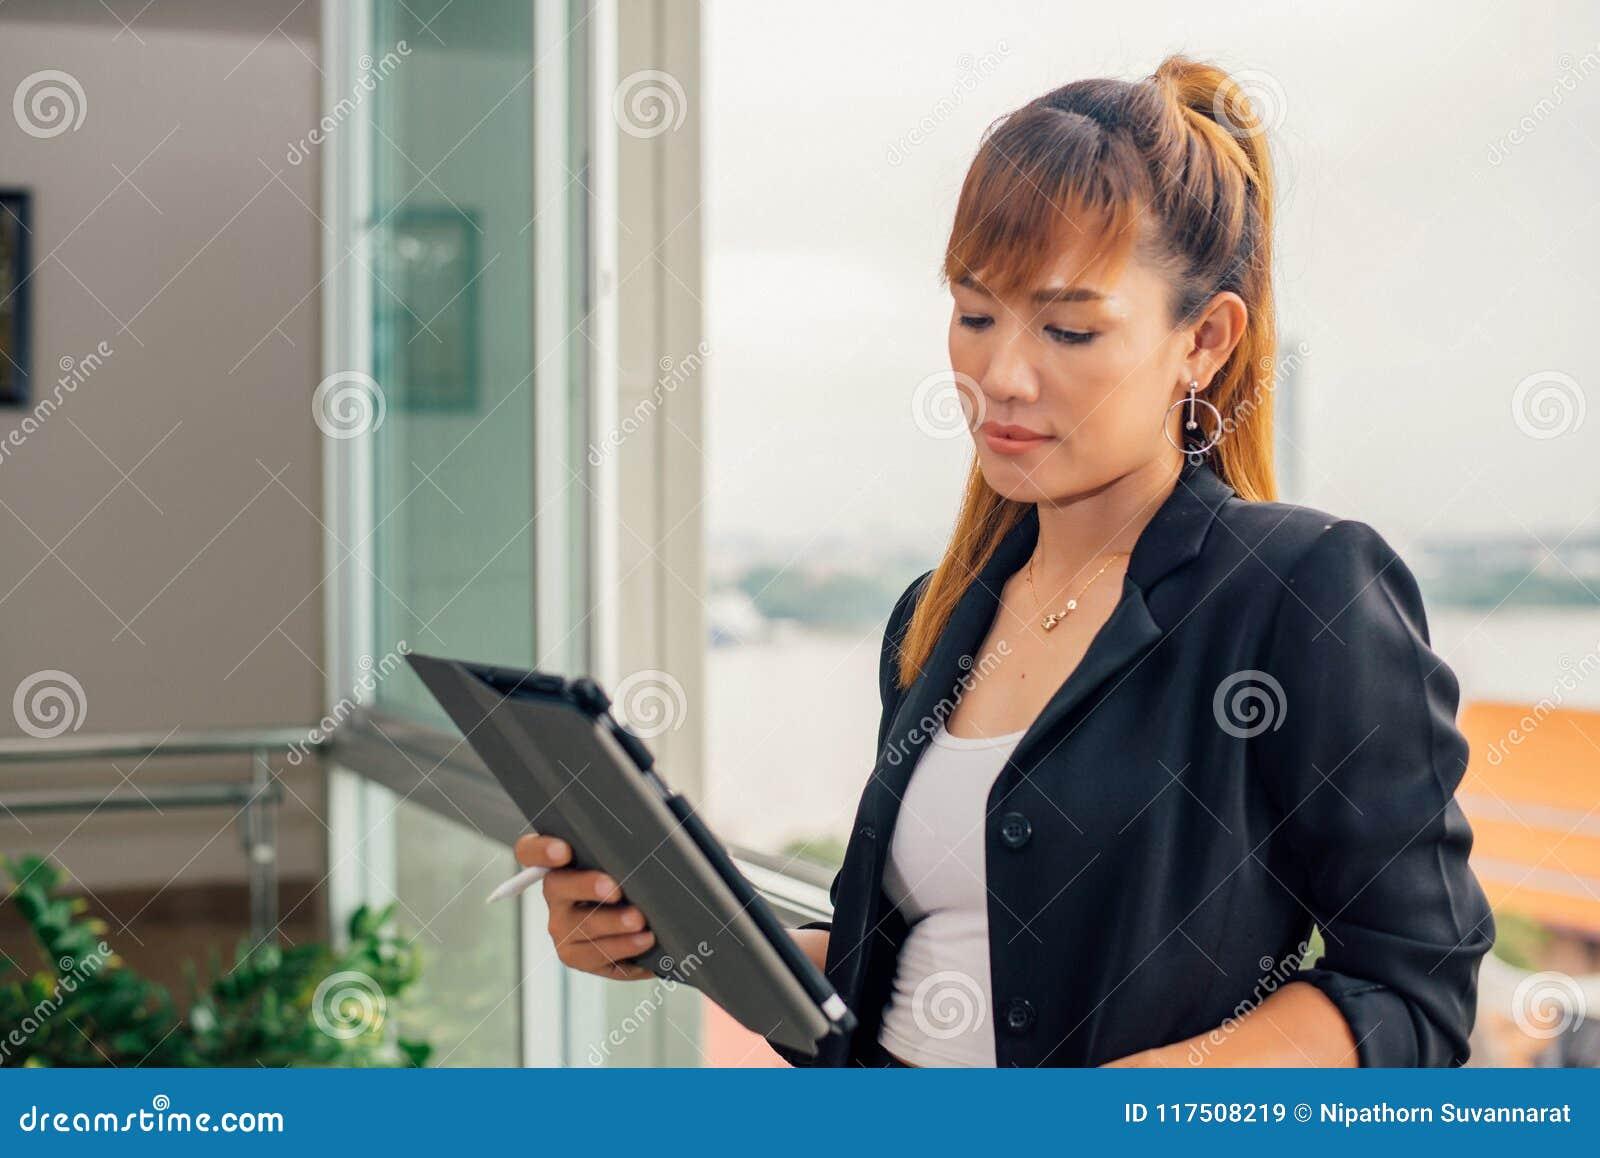 гламурная бизнес-леди с подчиненным смотреть онлайн меня отец